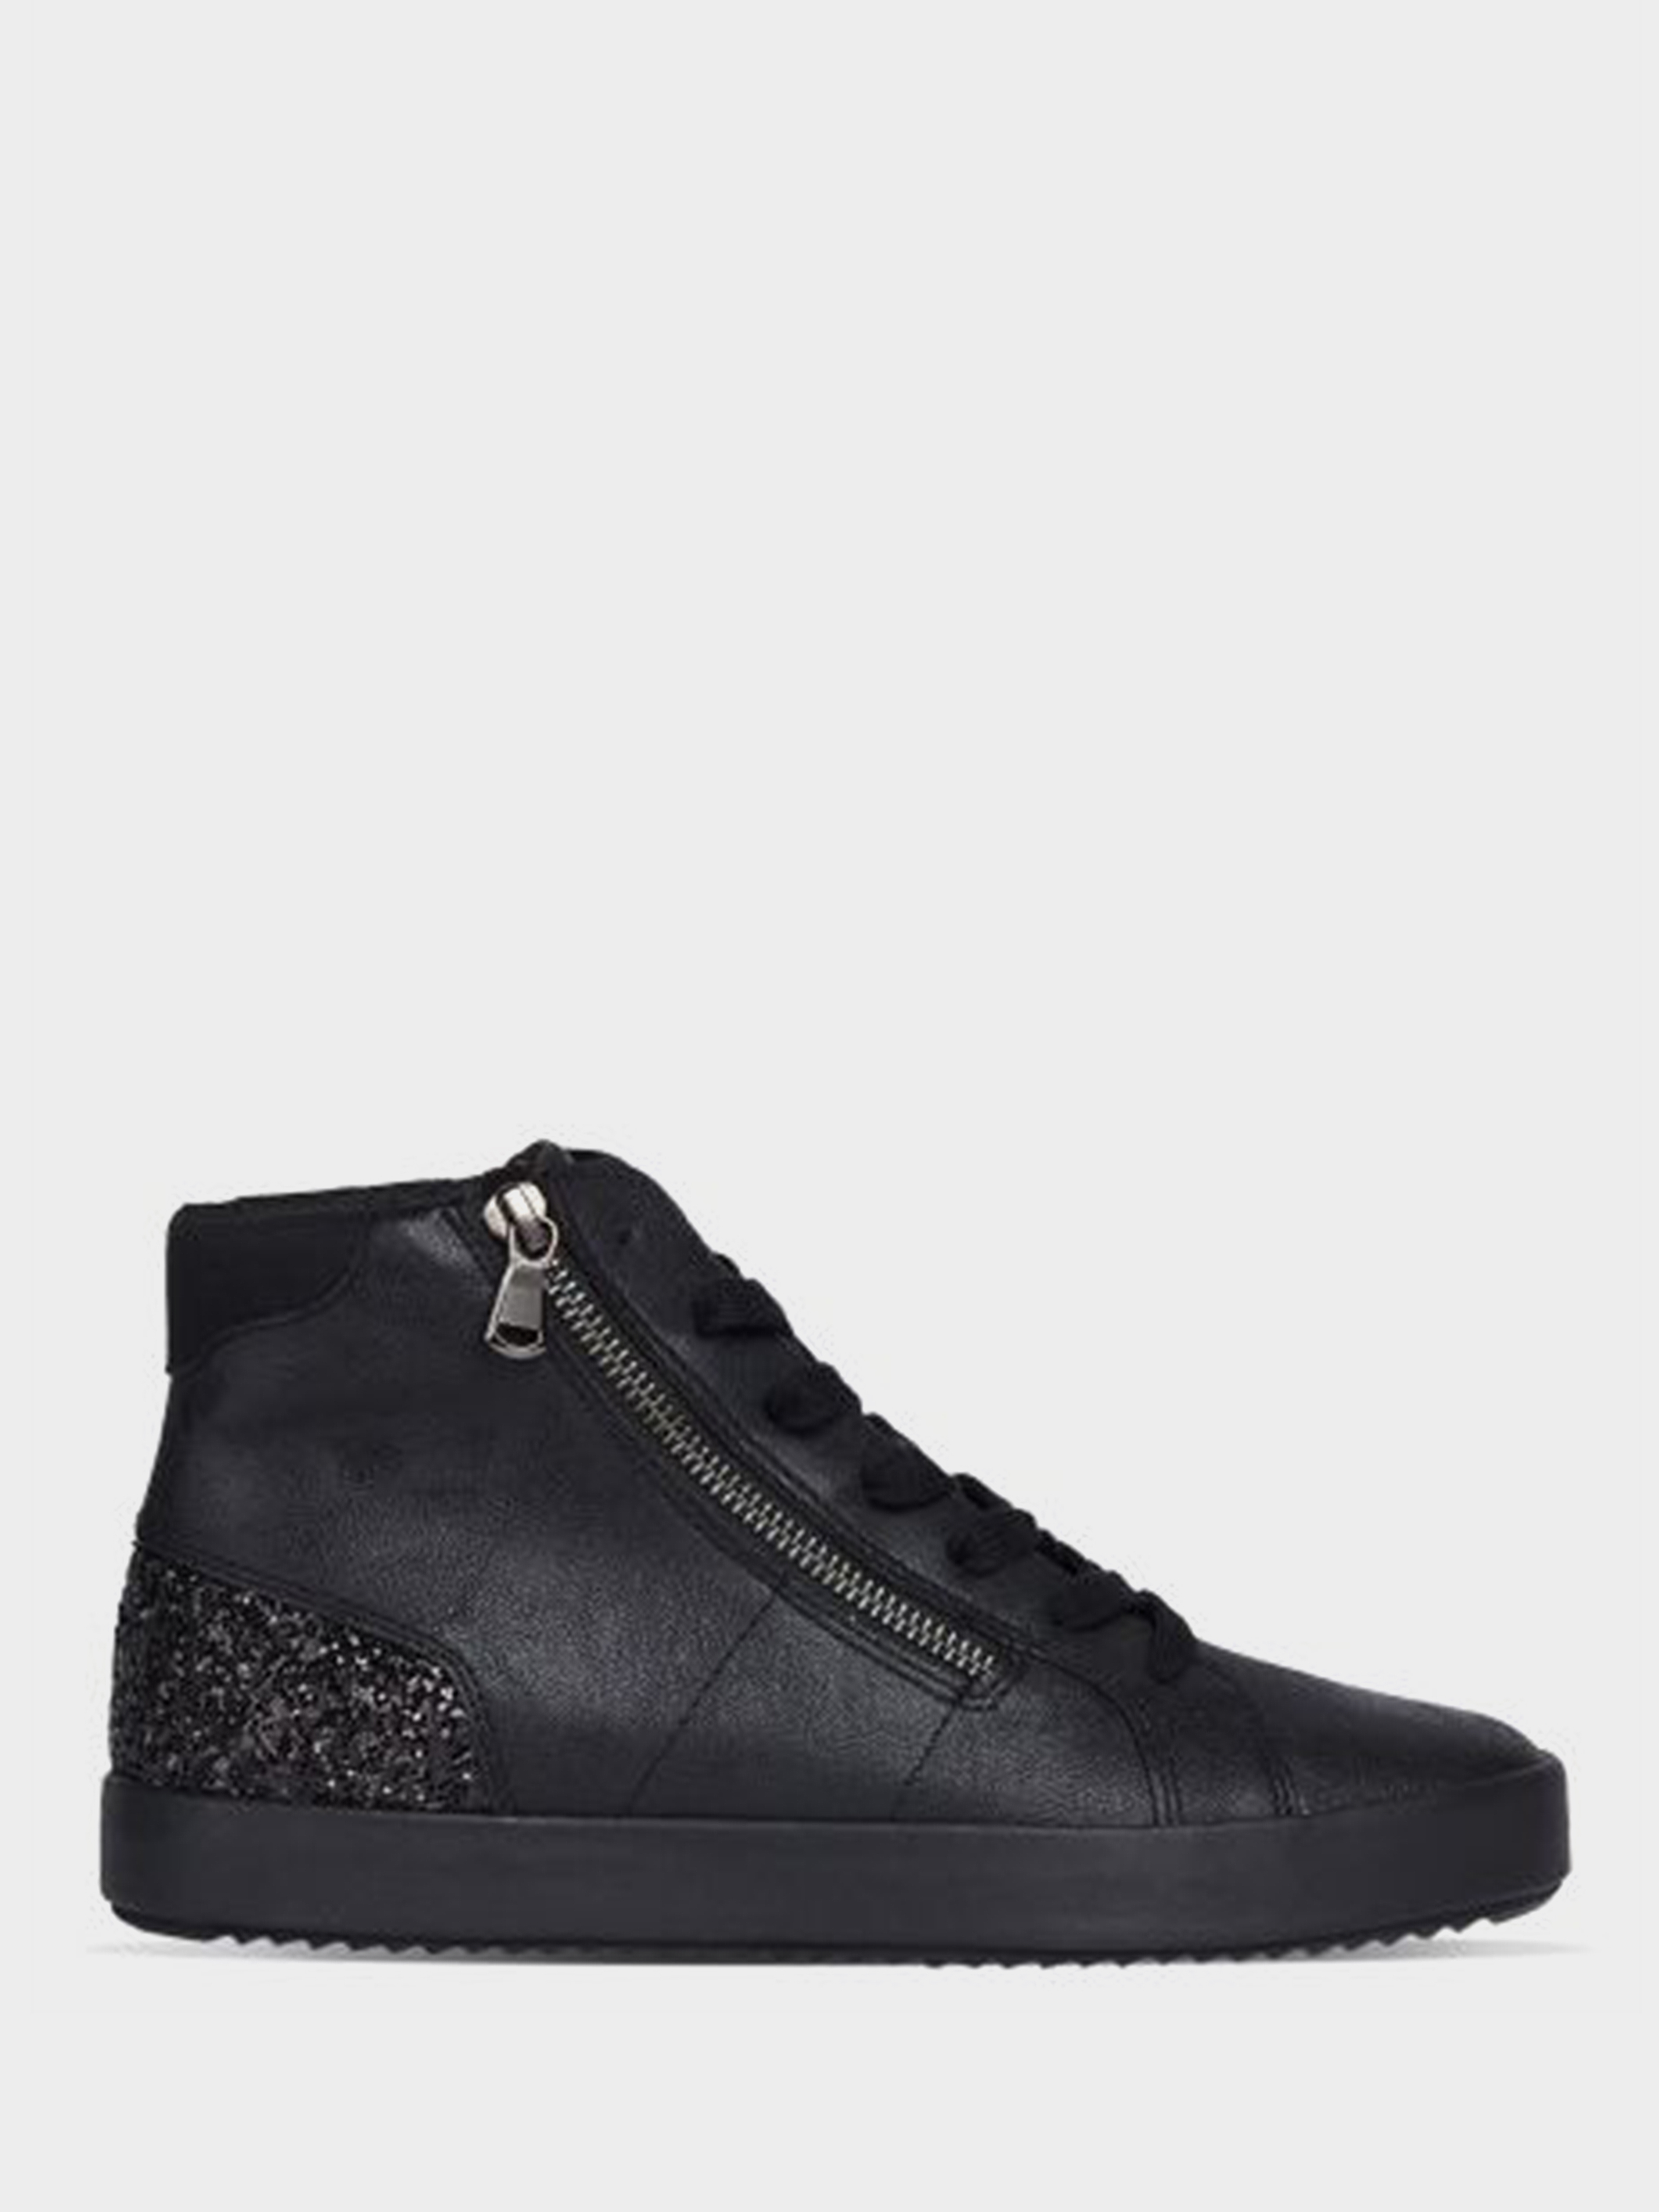 Купить Ботинки женские Geox D BLOMIEE XW3653, Черный